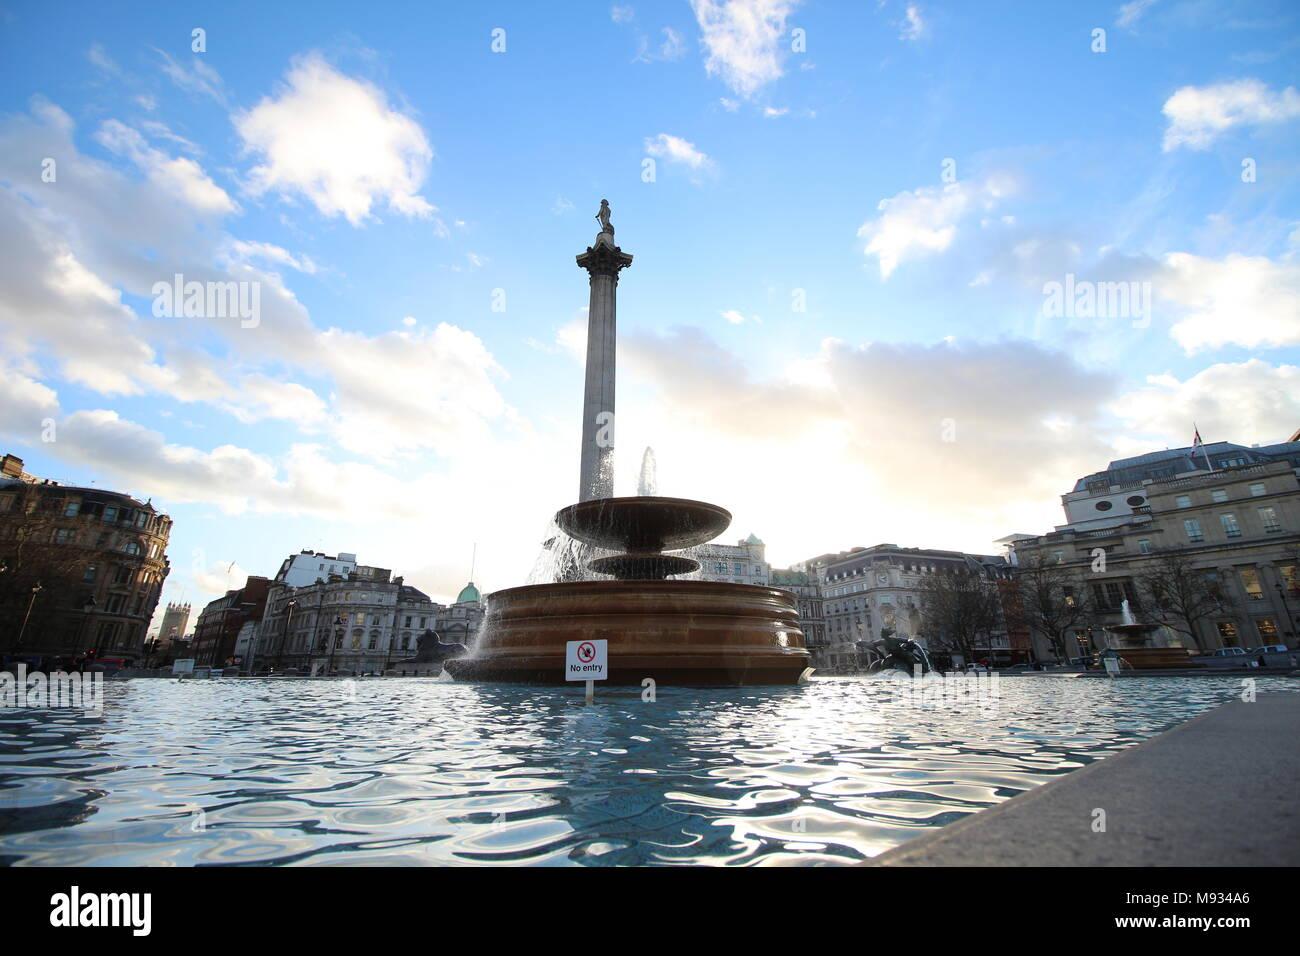 Una fuente en Trafalgar Square, Londres, Inglaterra Imagen De Stock